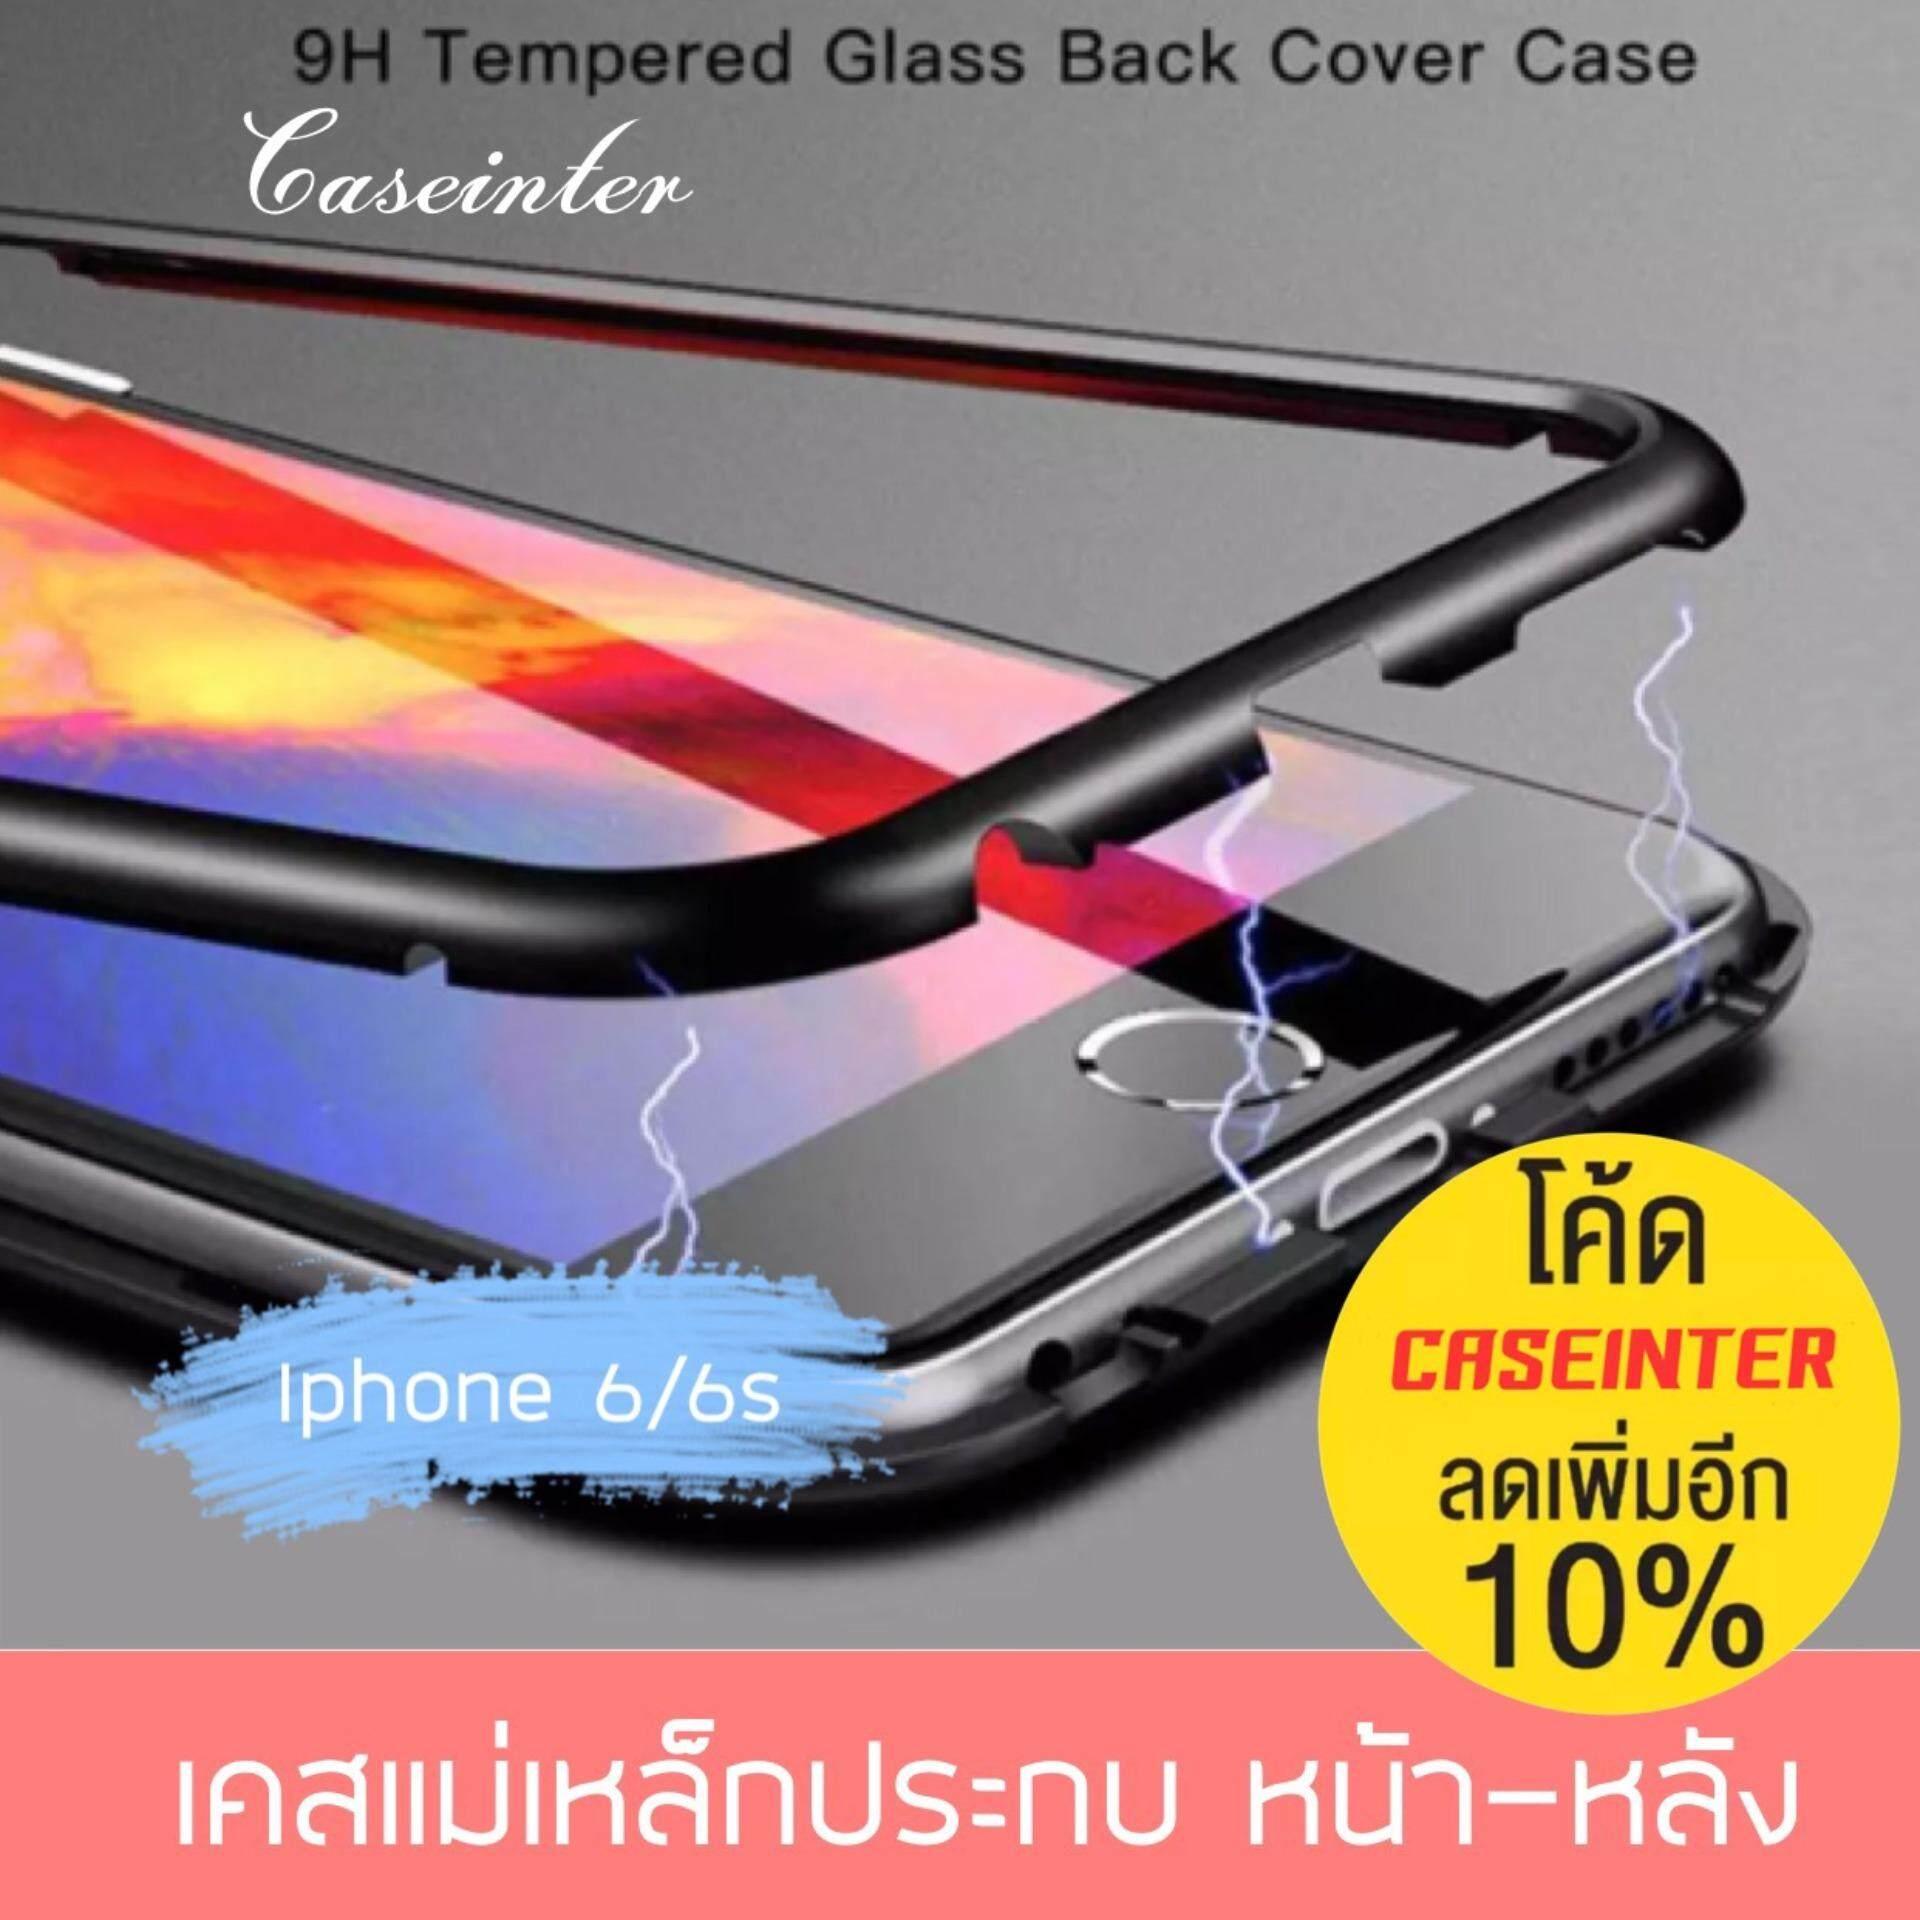 เคสแม่เหล็ก Iphonexs / Iphone Xs Max / Iphonex / Iphone8 / 8plus / Iphone7 / 7plus / Iphone6s / 6plus เคสประกบ360 Magnetic Case 360 Degree ไอโฟน เคสมือถือ เคสกันกระแทก รุ่นใหม่ แม่เหล็ก ประกบ หน้าเปิด-หลังใส By Siranat96.